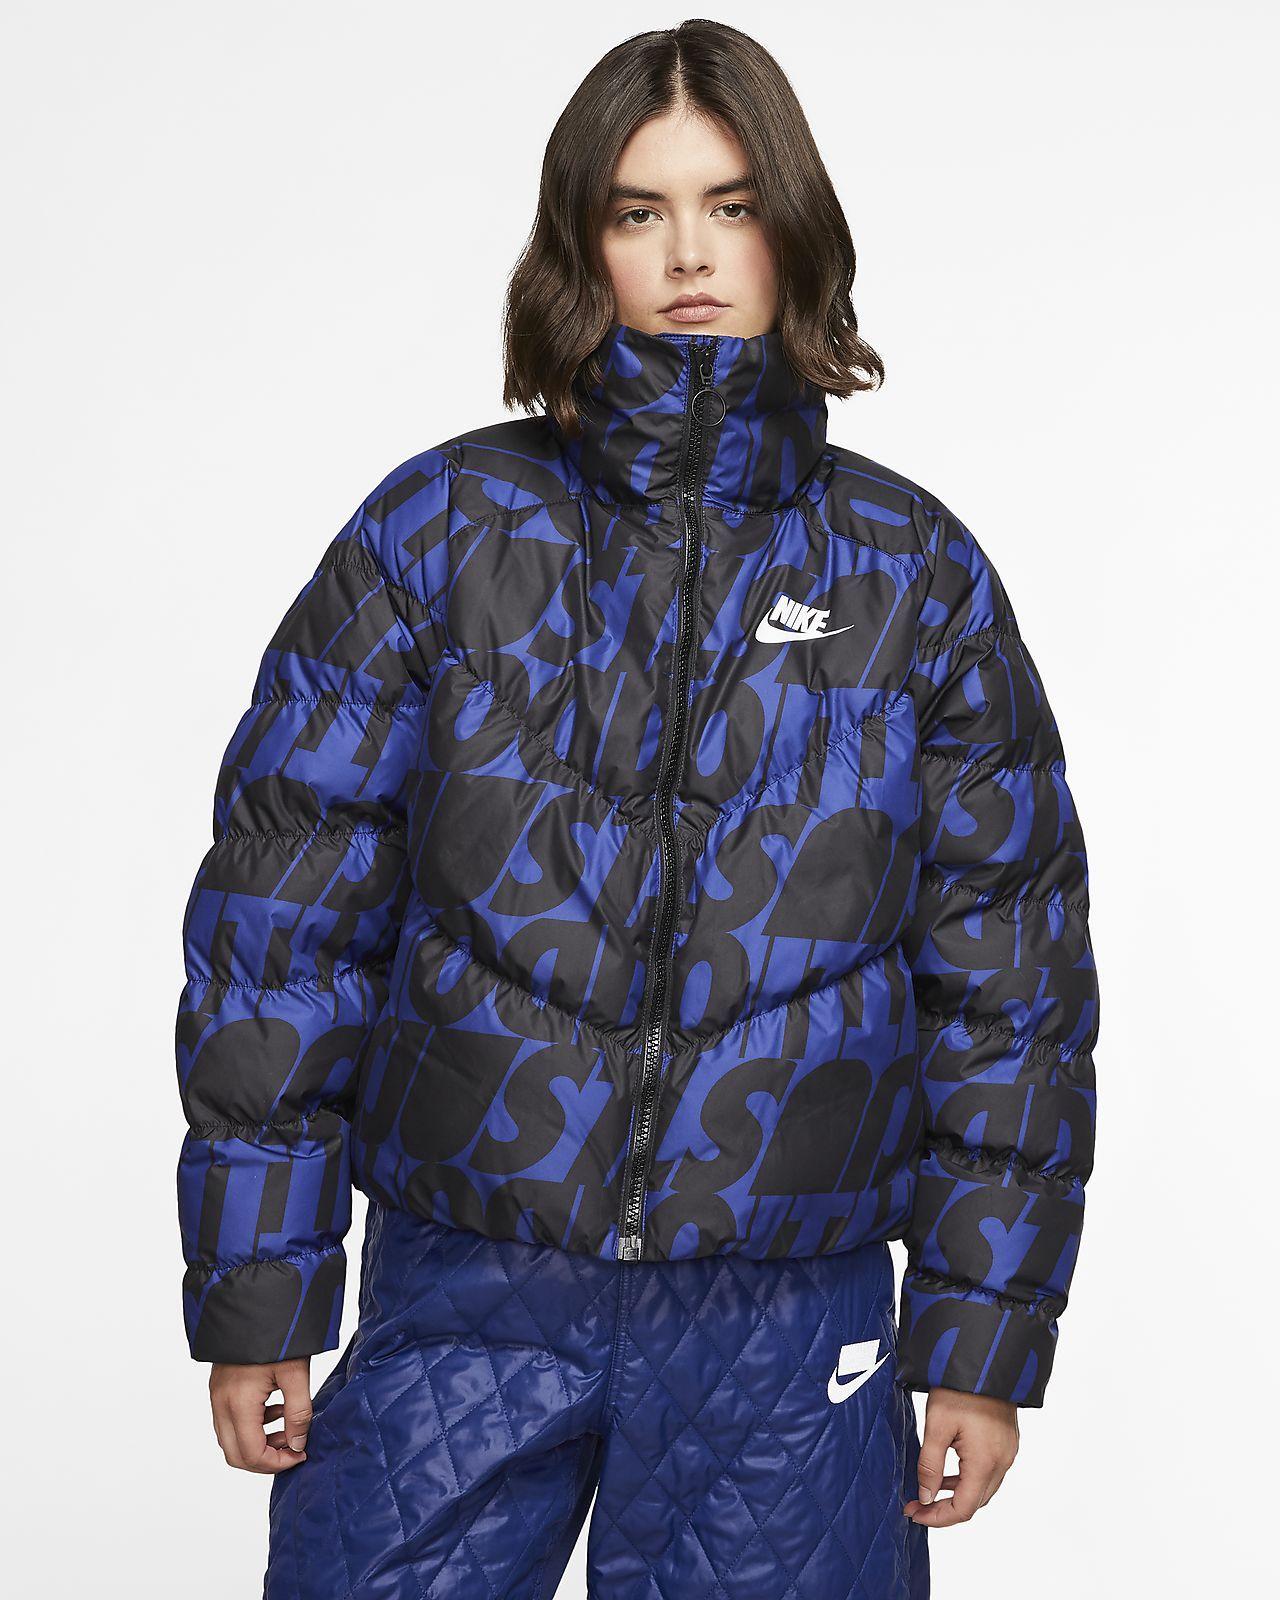 Nike Sportswear Synthetic Fill Jdi Women S Printed Jdi Jacket Nike Com Puffer Jacket Women Jackets Nike Sportswear [ 1600 x 1280 Pixel ]